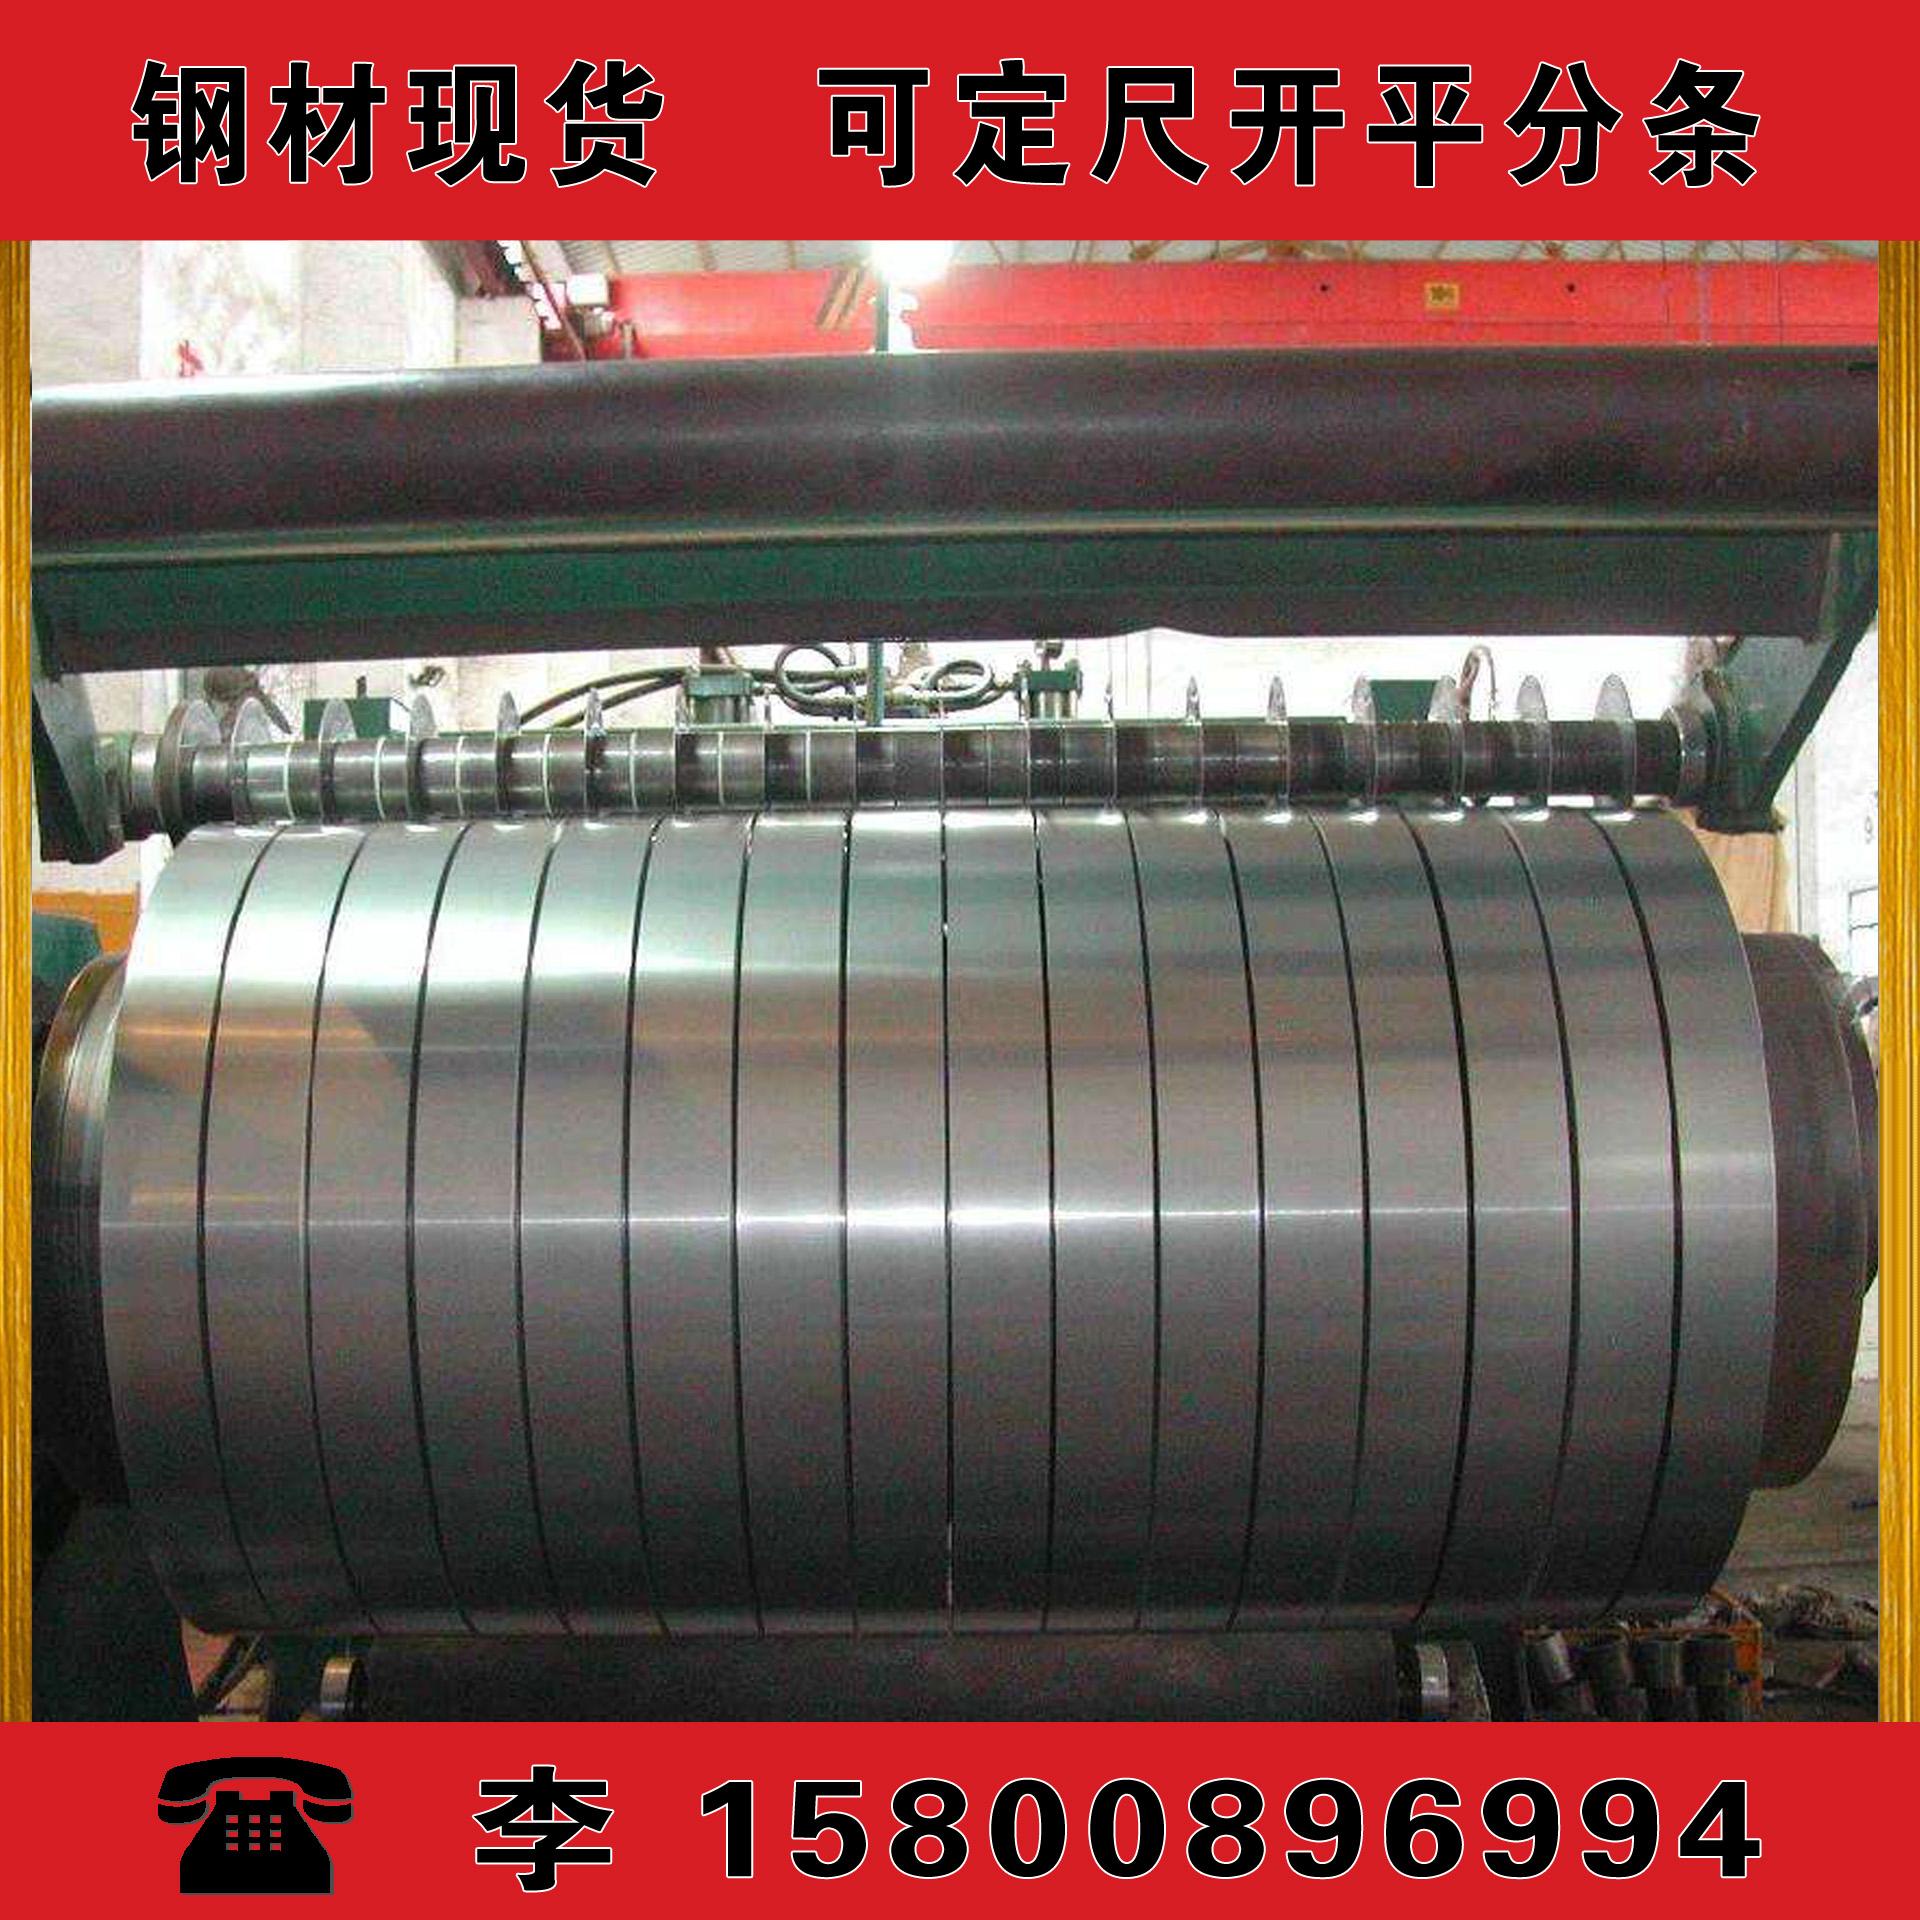 供应宝钢正品B35A440无取向电工钢 0.35mm硅钢片 矽钢片可定尺开平分条加工、可配送到厂。